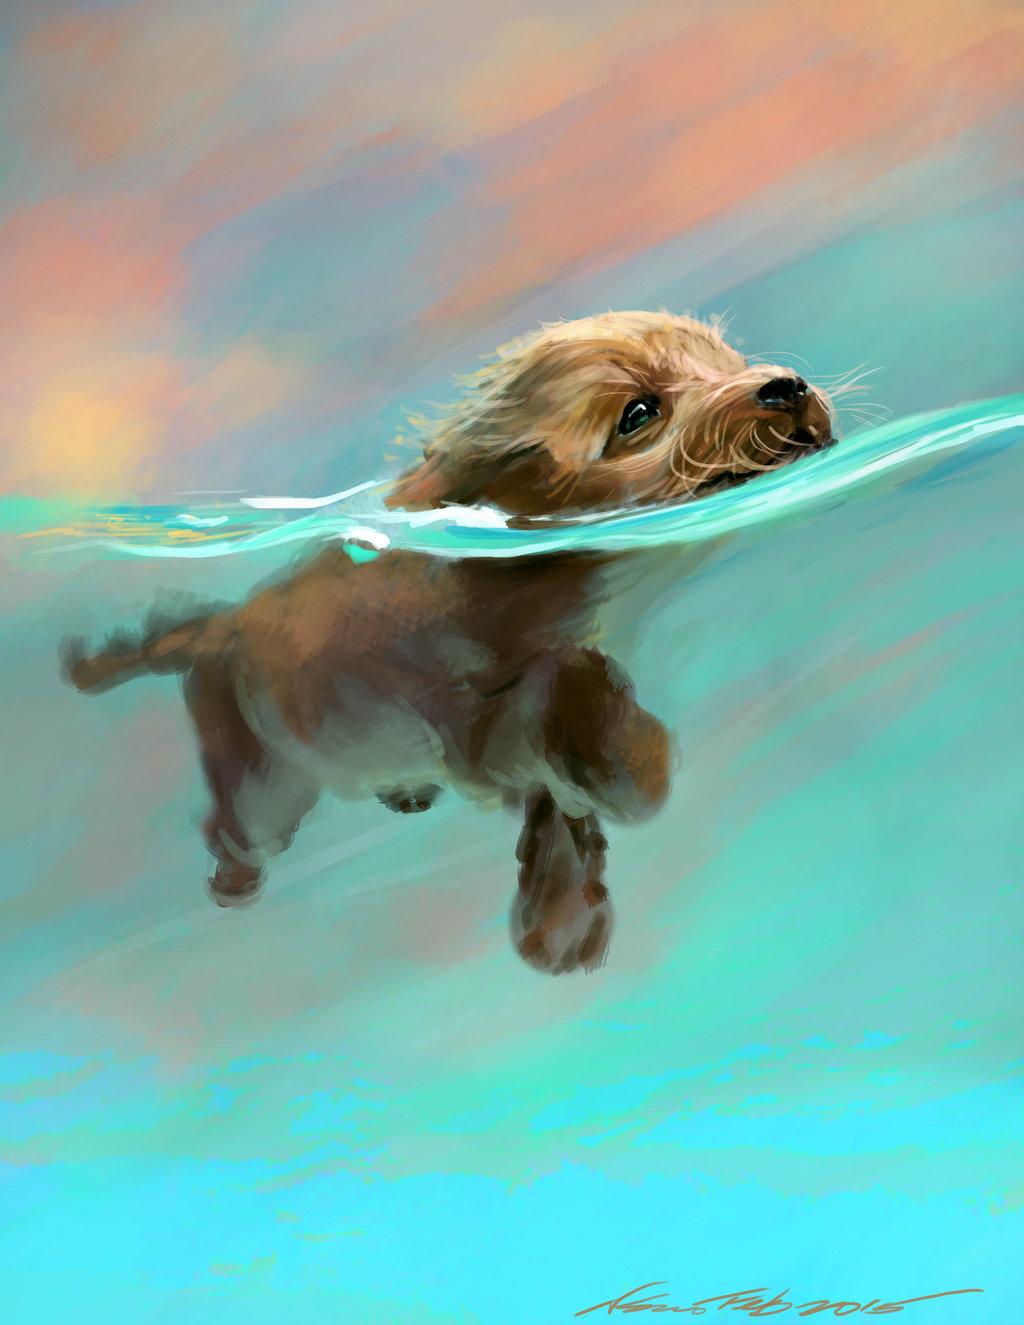 Фото Щенок плавает в воде: http://photo.99px.ru/photos/225702